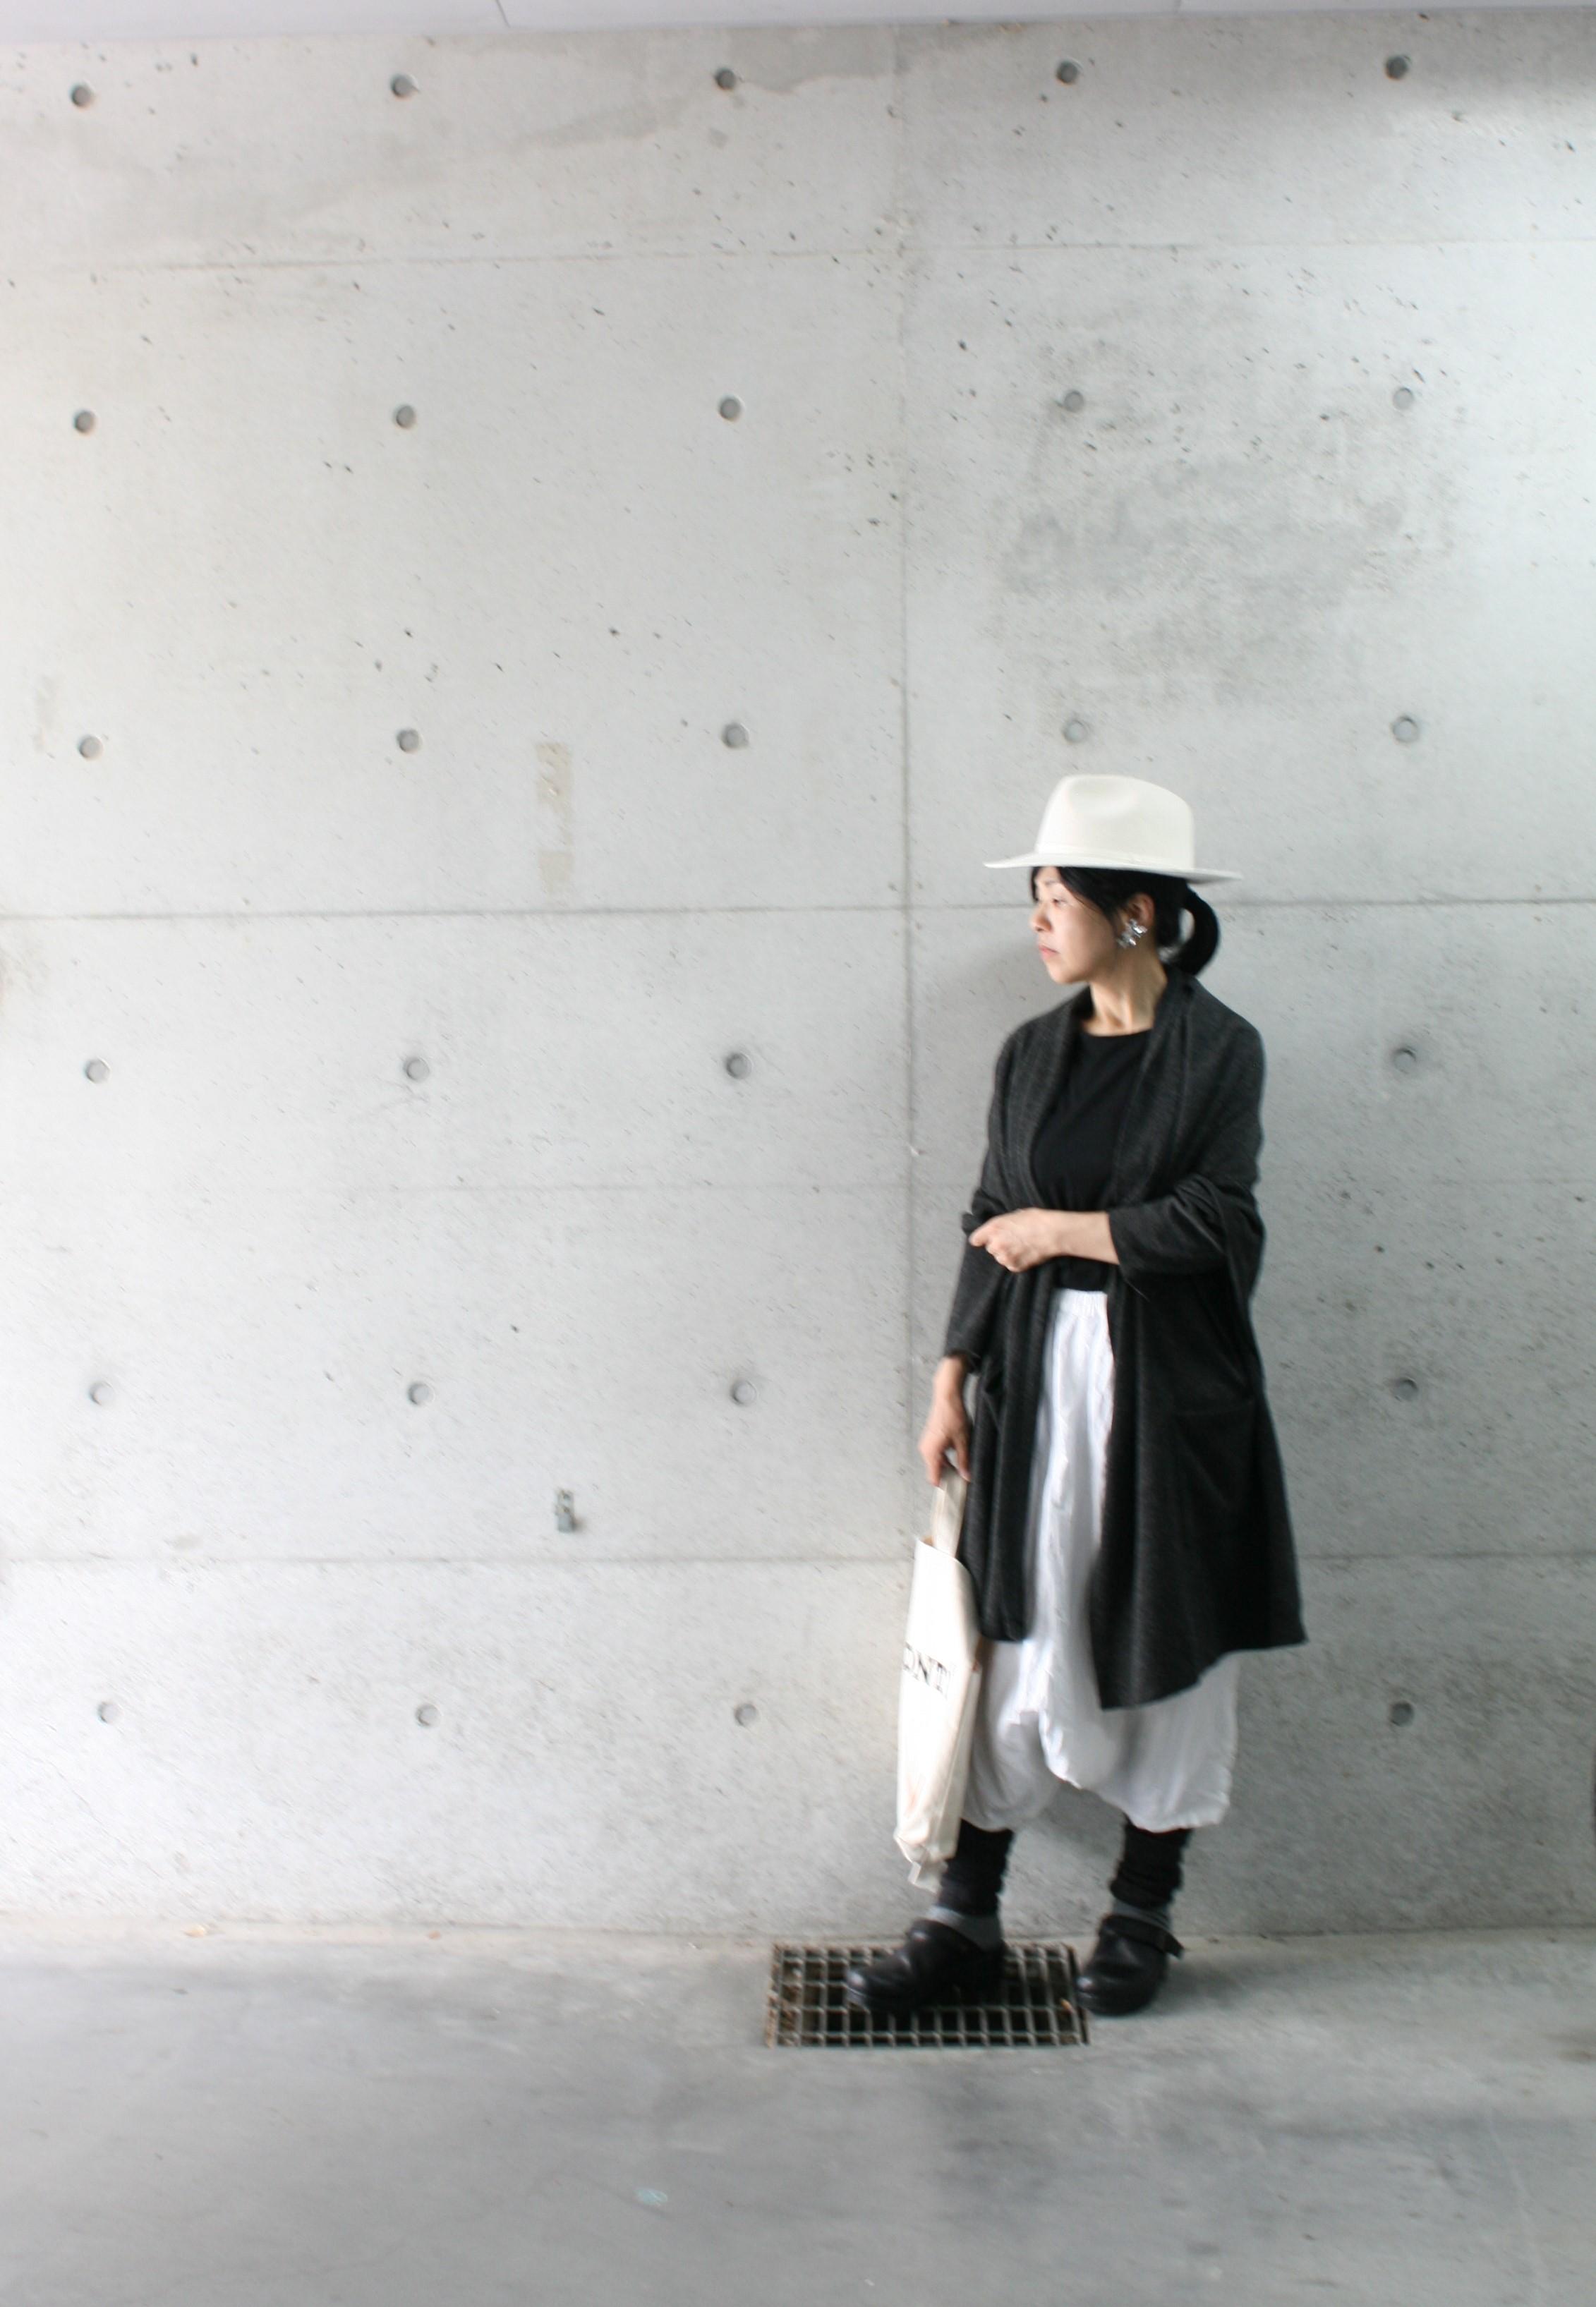 【linenu works展】残り2日間のみ。大人がキレイにはけると話題のサルエルパンツ  tricoter/広島福山